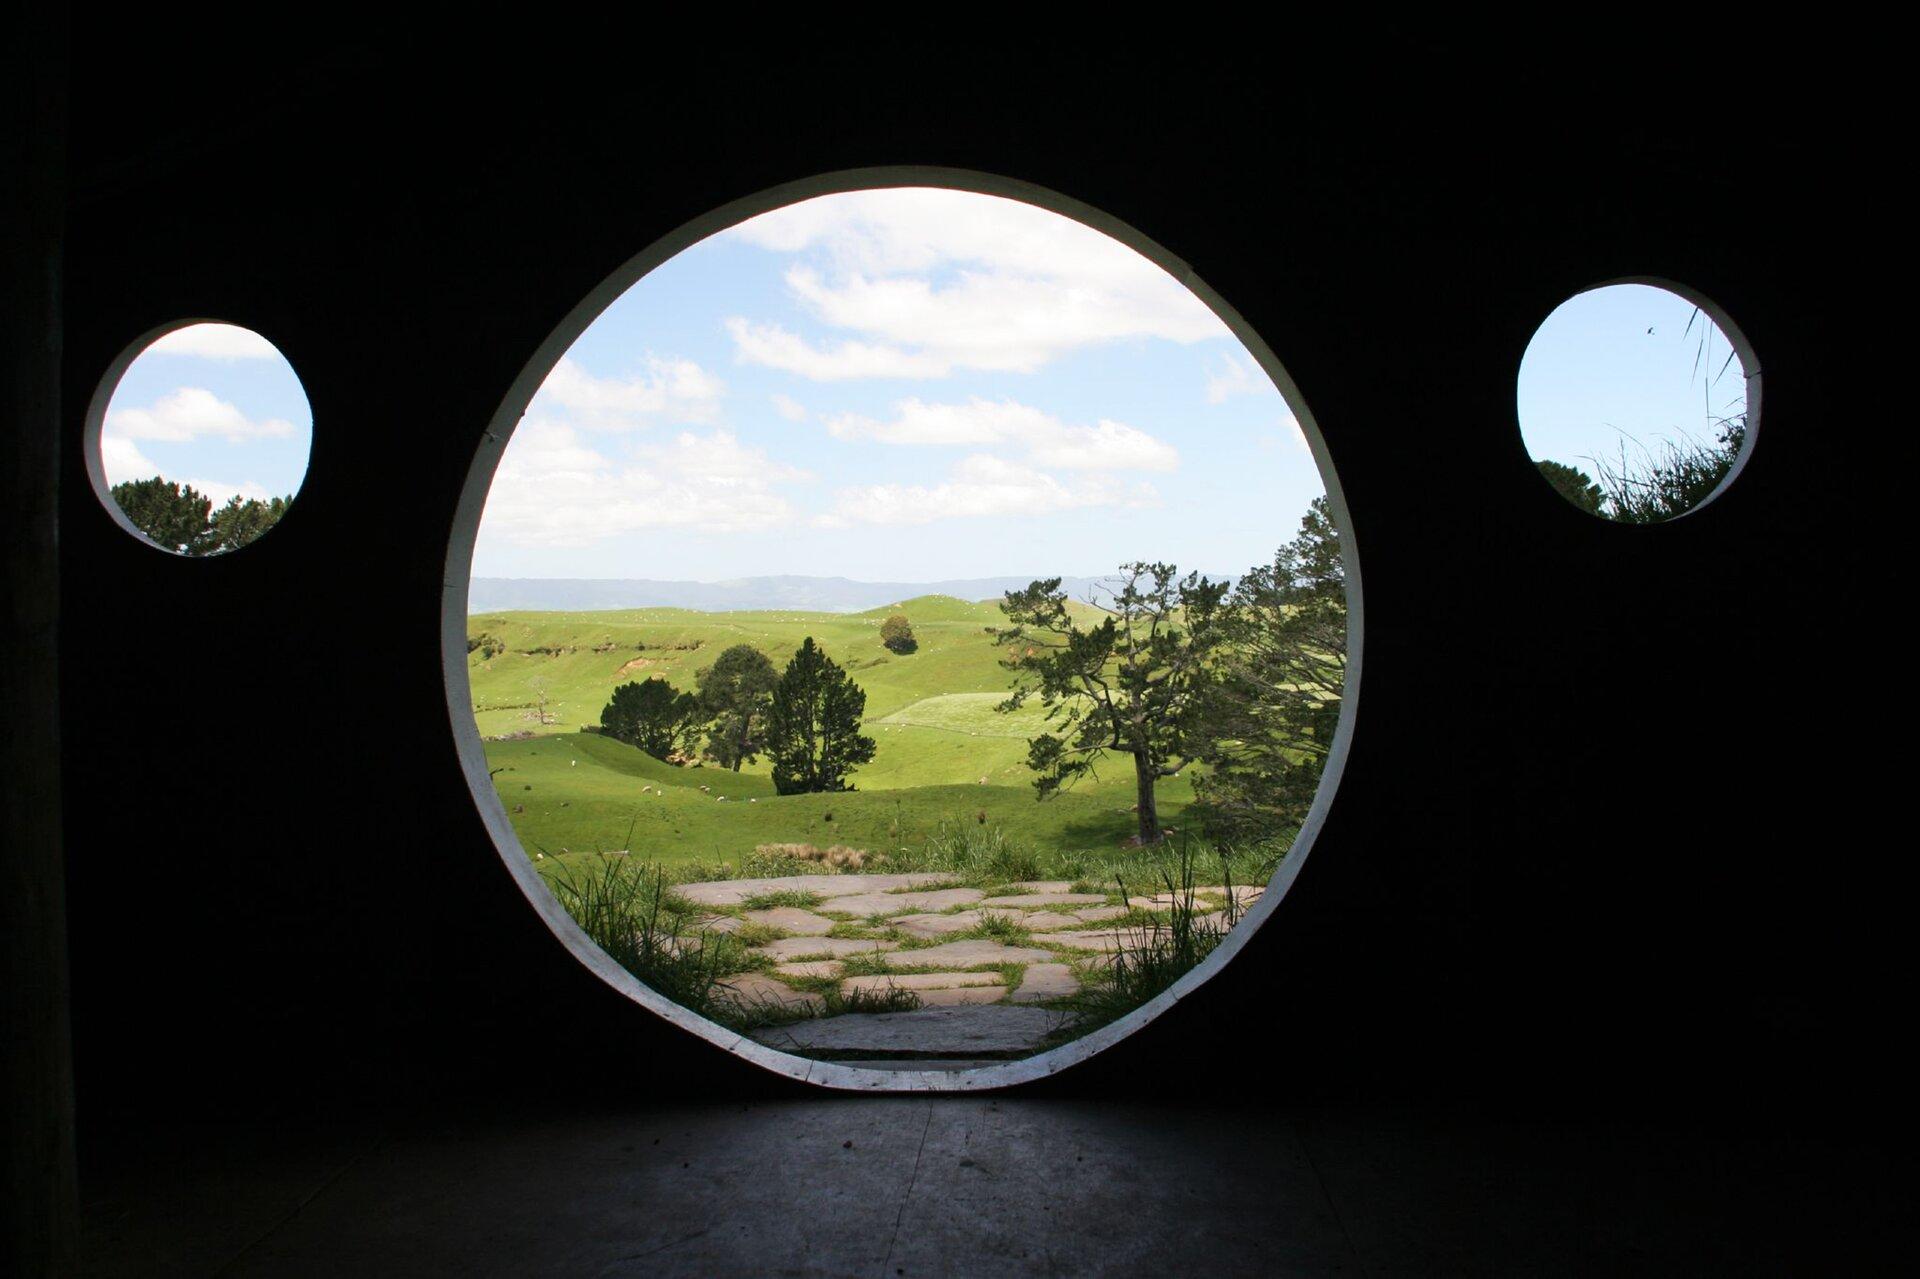 Widok zdomu Bilba Bagginsa Widok zdomu Bilba Bagginsa Źródło: Rob Chandler, licencja: CC BY-SA 2.0.